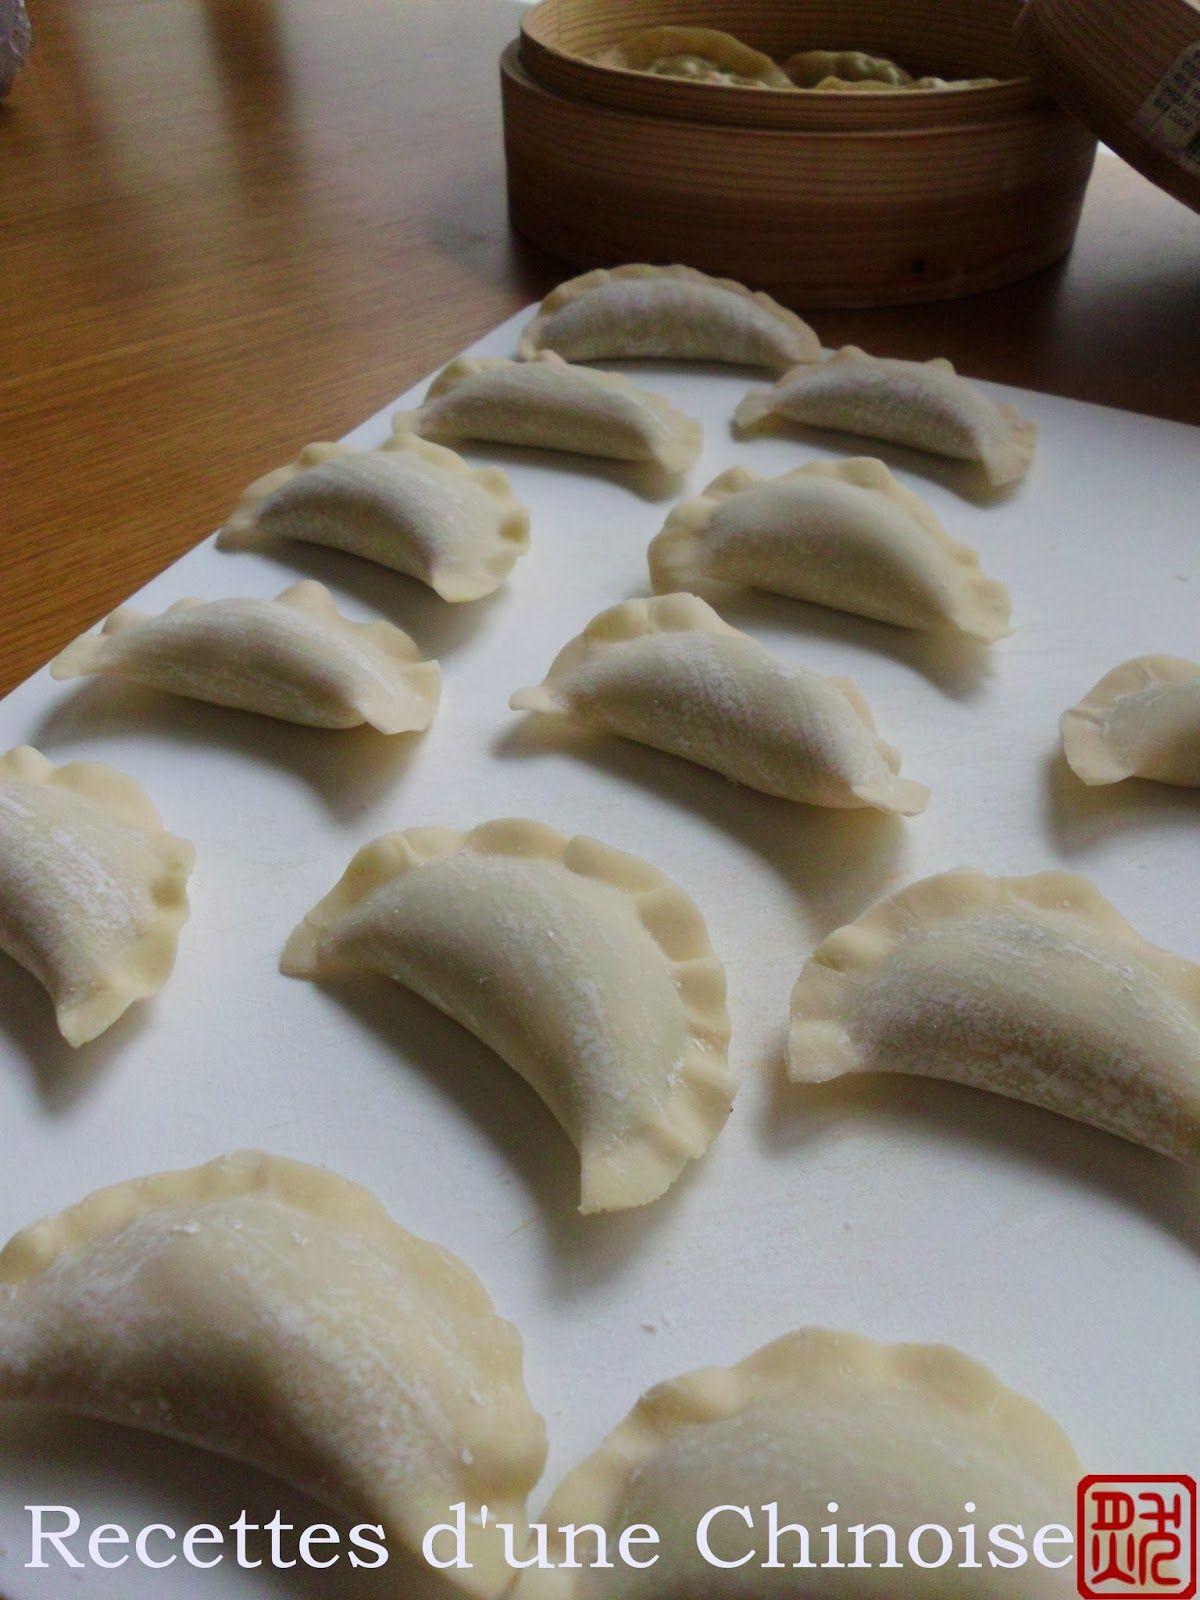 Recettes d 39 une chinoise raviolis crevettes avocats cuisine chinoise pinterest dim sum - Cuisine chinoise recette ...